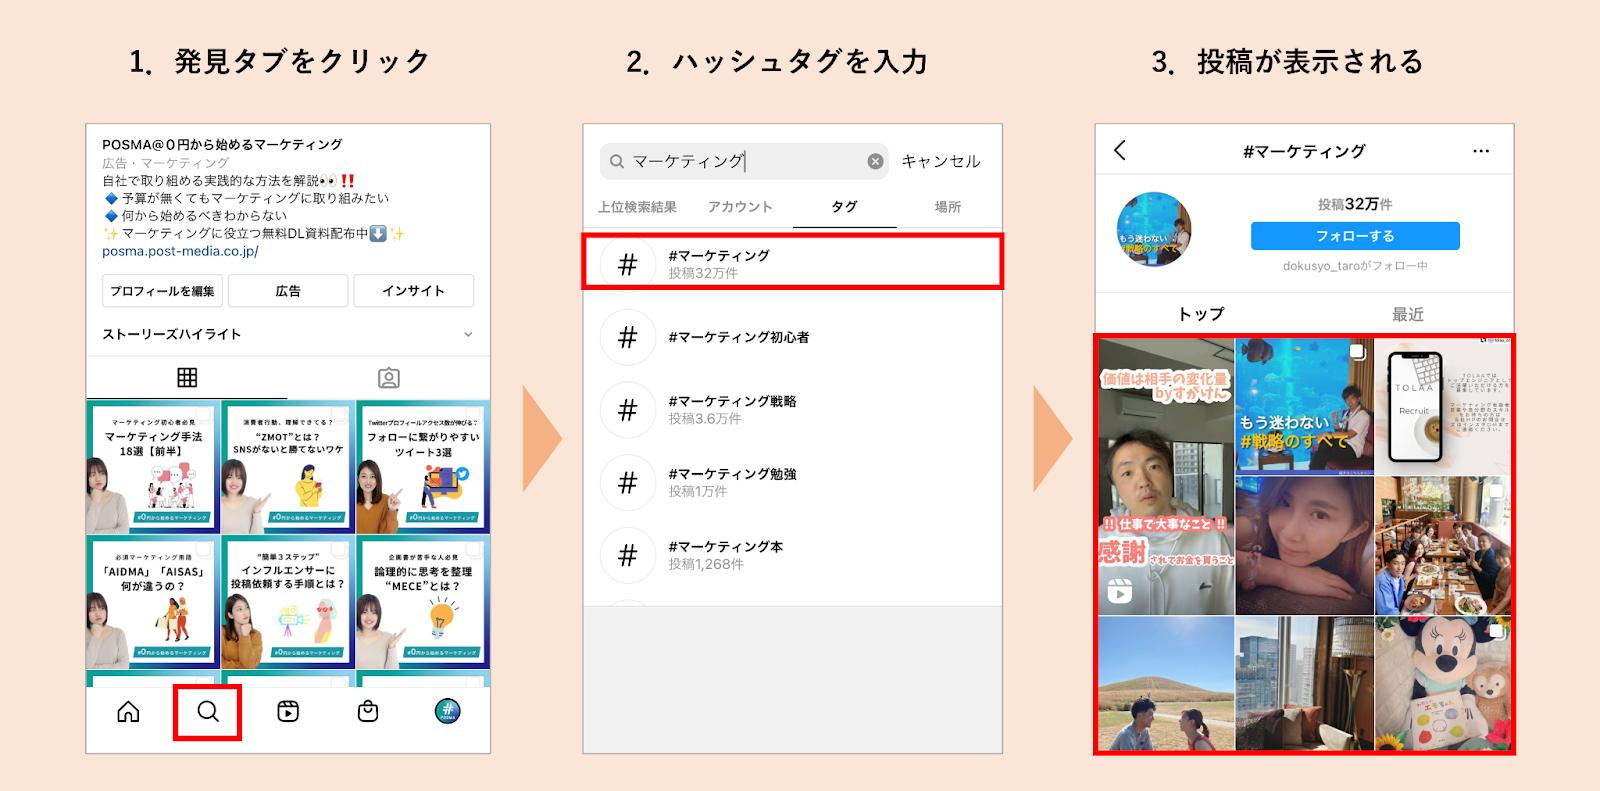 ハッシュタグ検索のイメージ